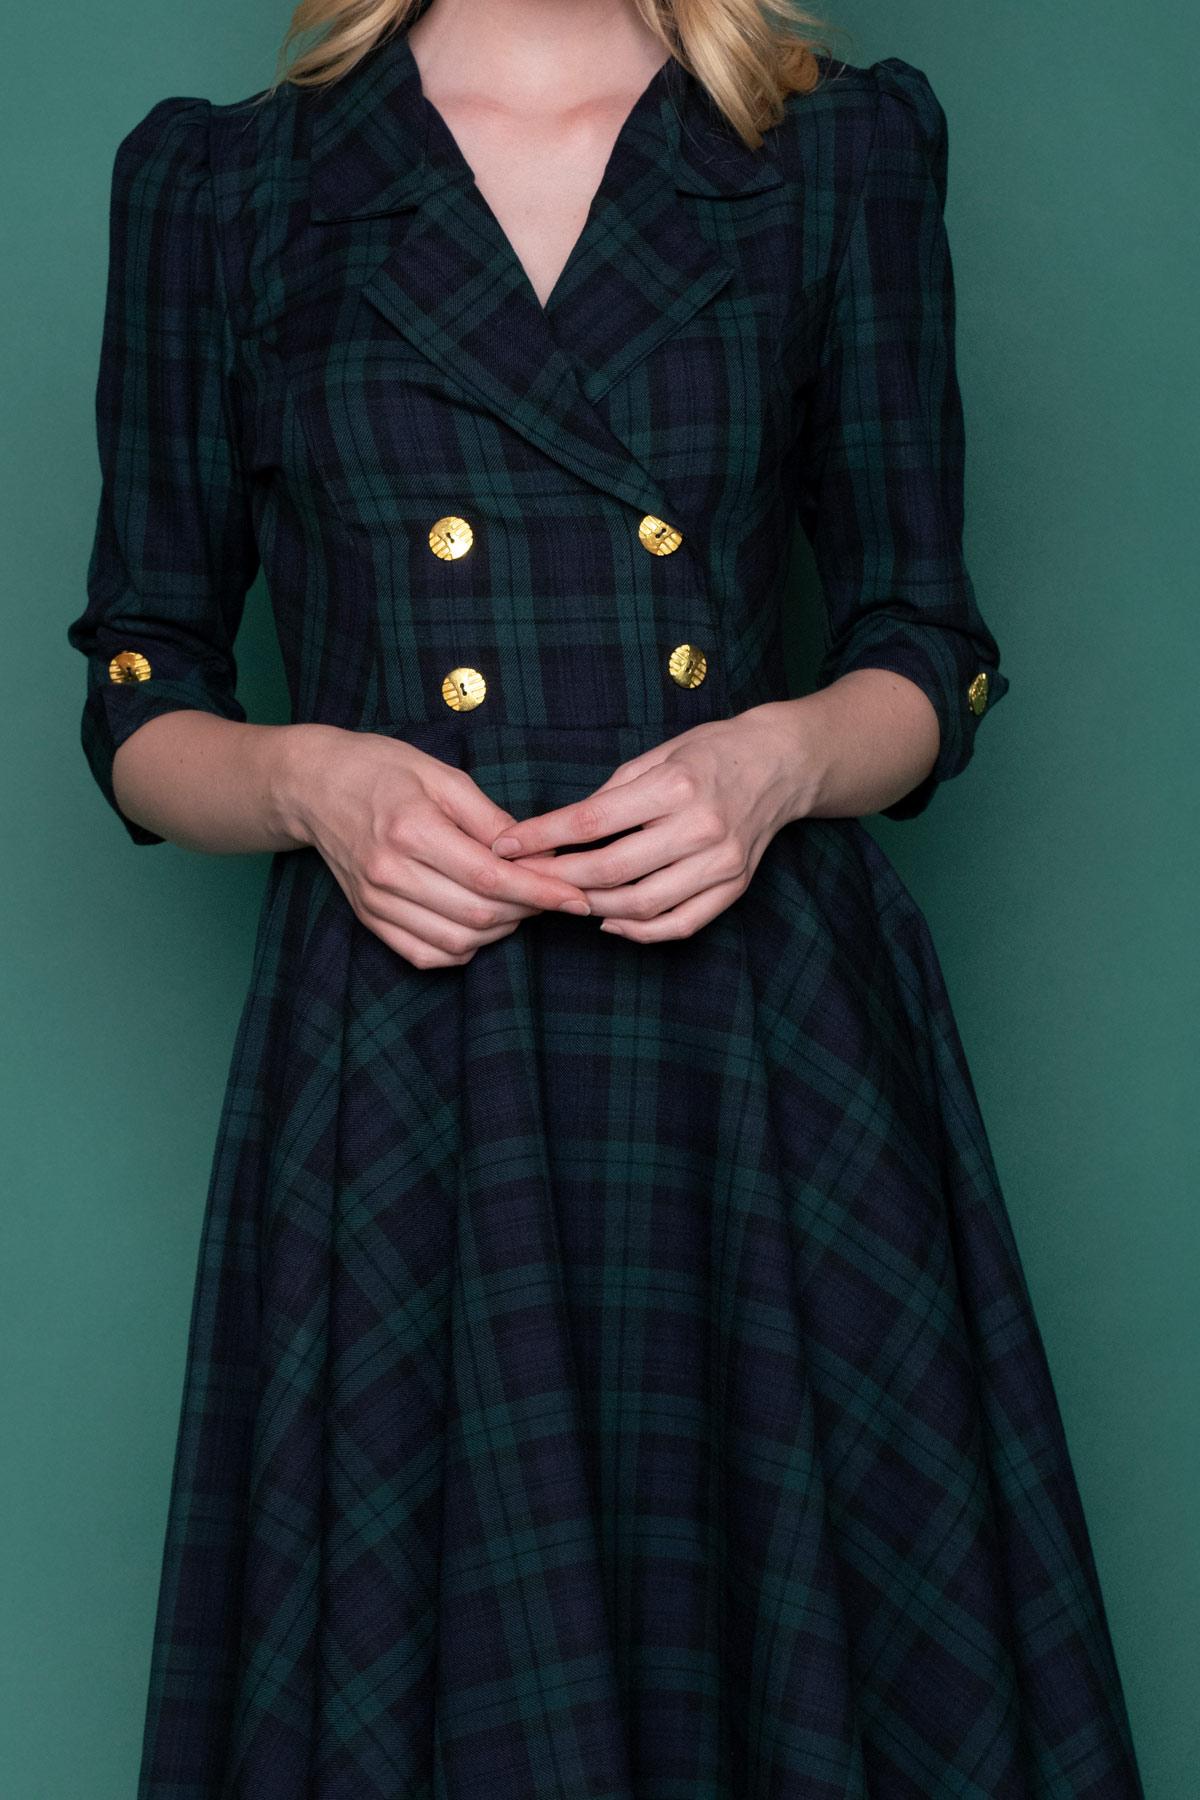 Ρετρό καρό μίντι φόρεμα, σε μπλε & πράσινο χρώμα, με 3/4 μανίκια και χρυσαφί κουμπιά, για όλες τις ώρες.